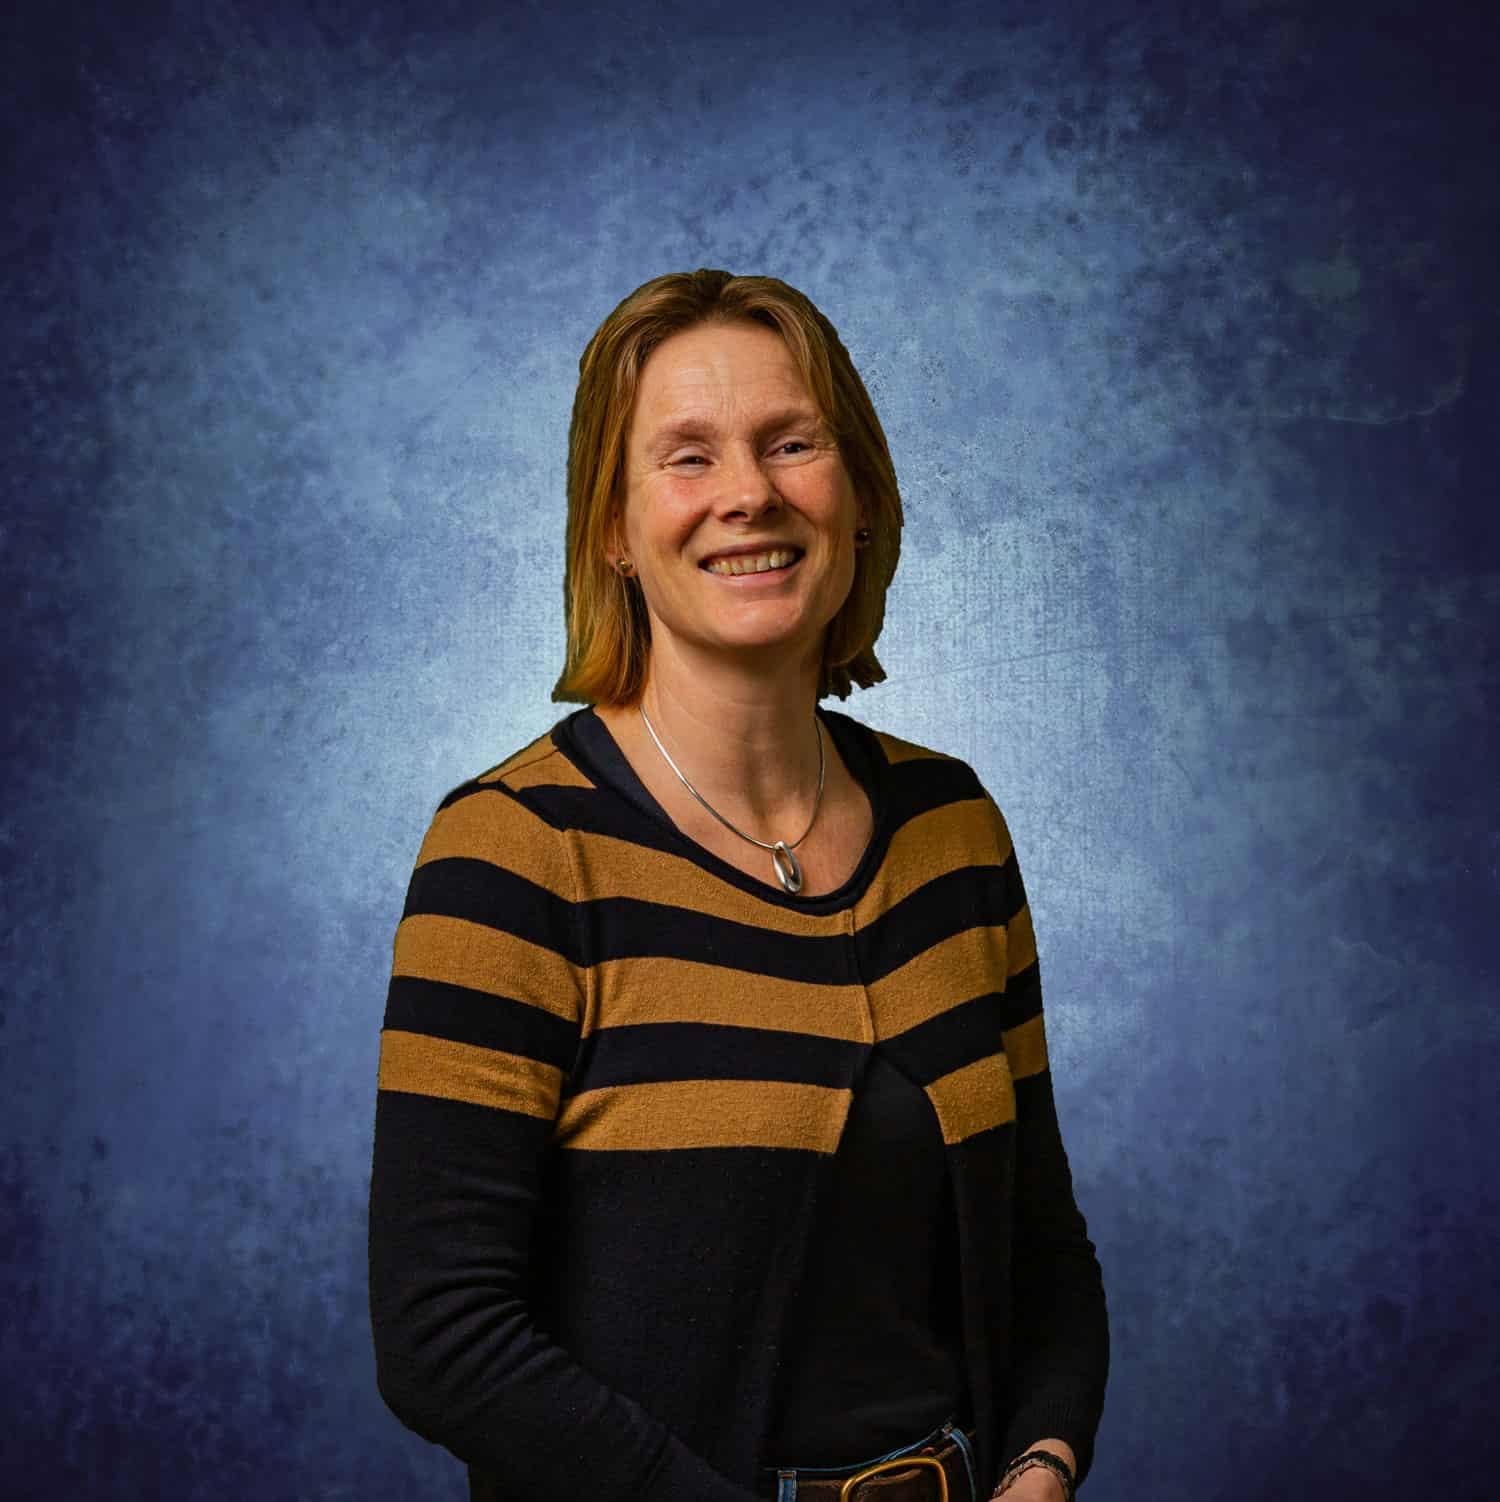 Ilona Kerkhoff